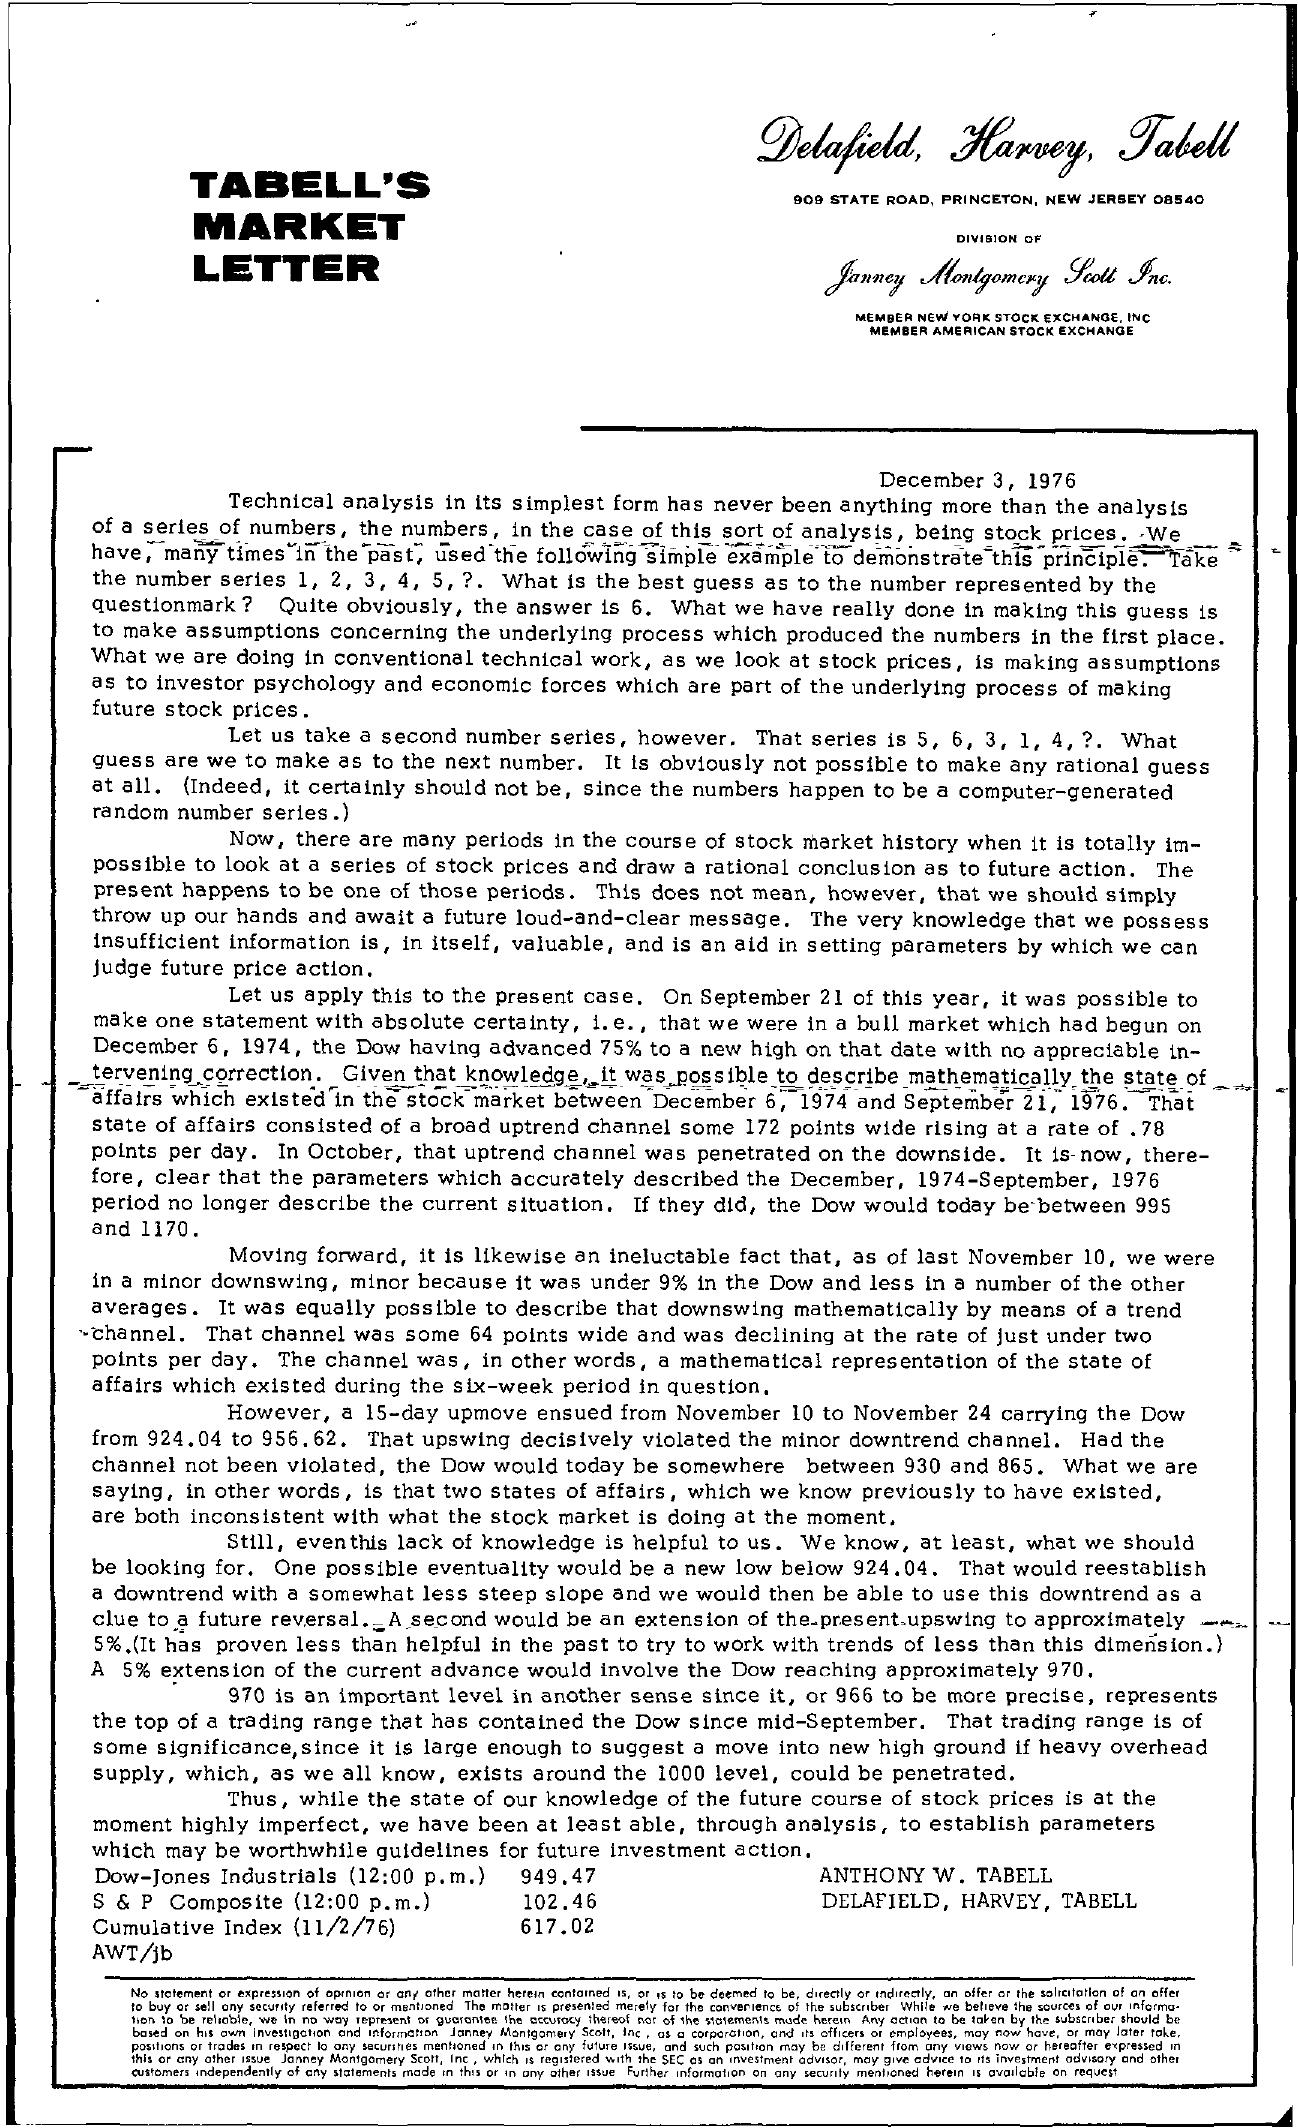 Tabell's Market Letter - December 03, 1976